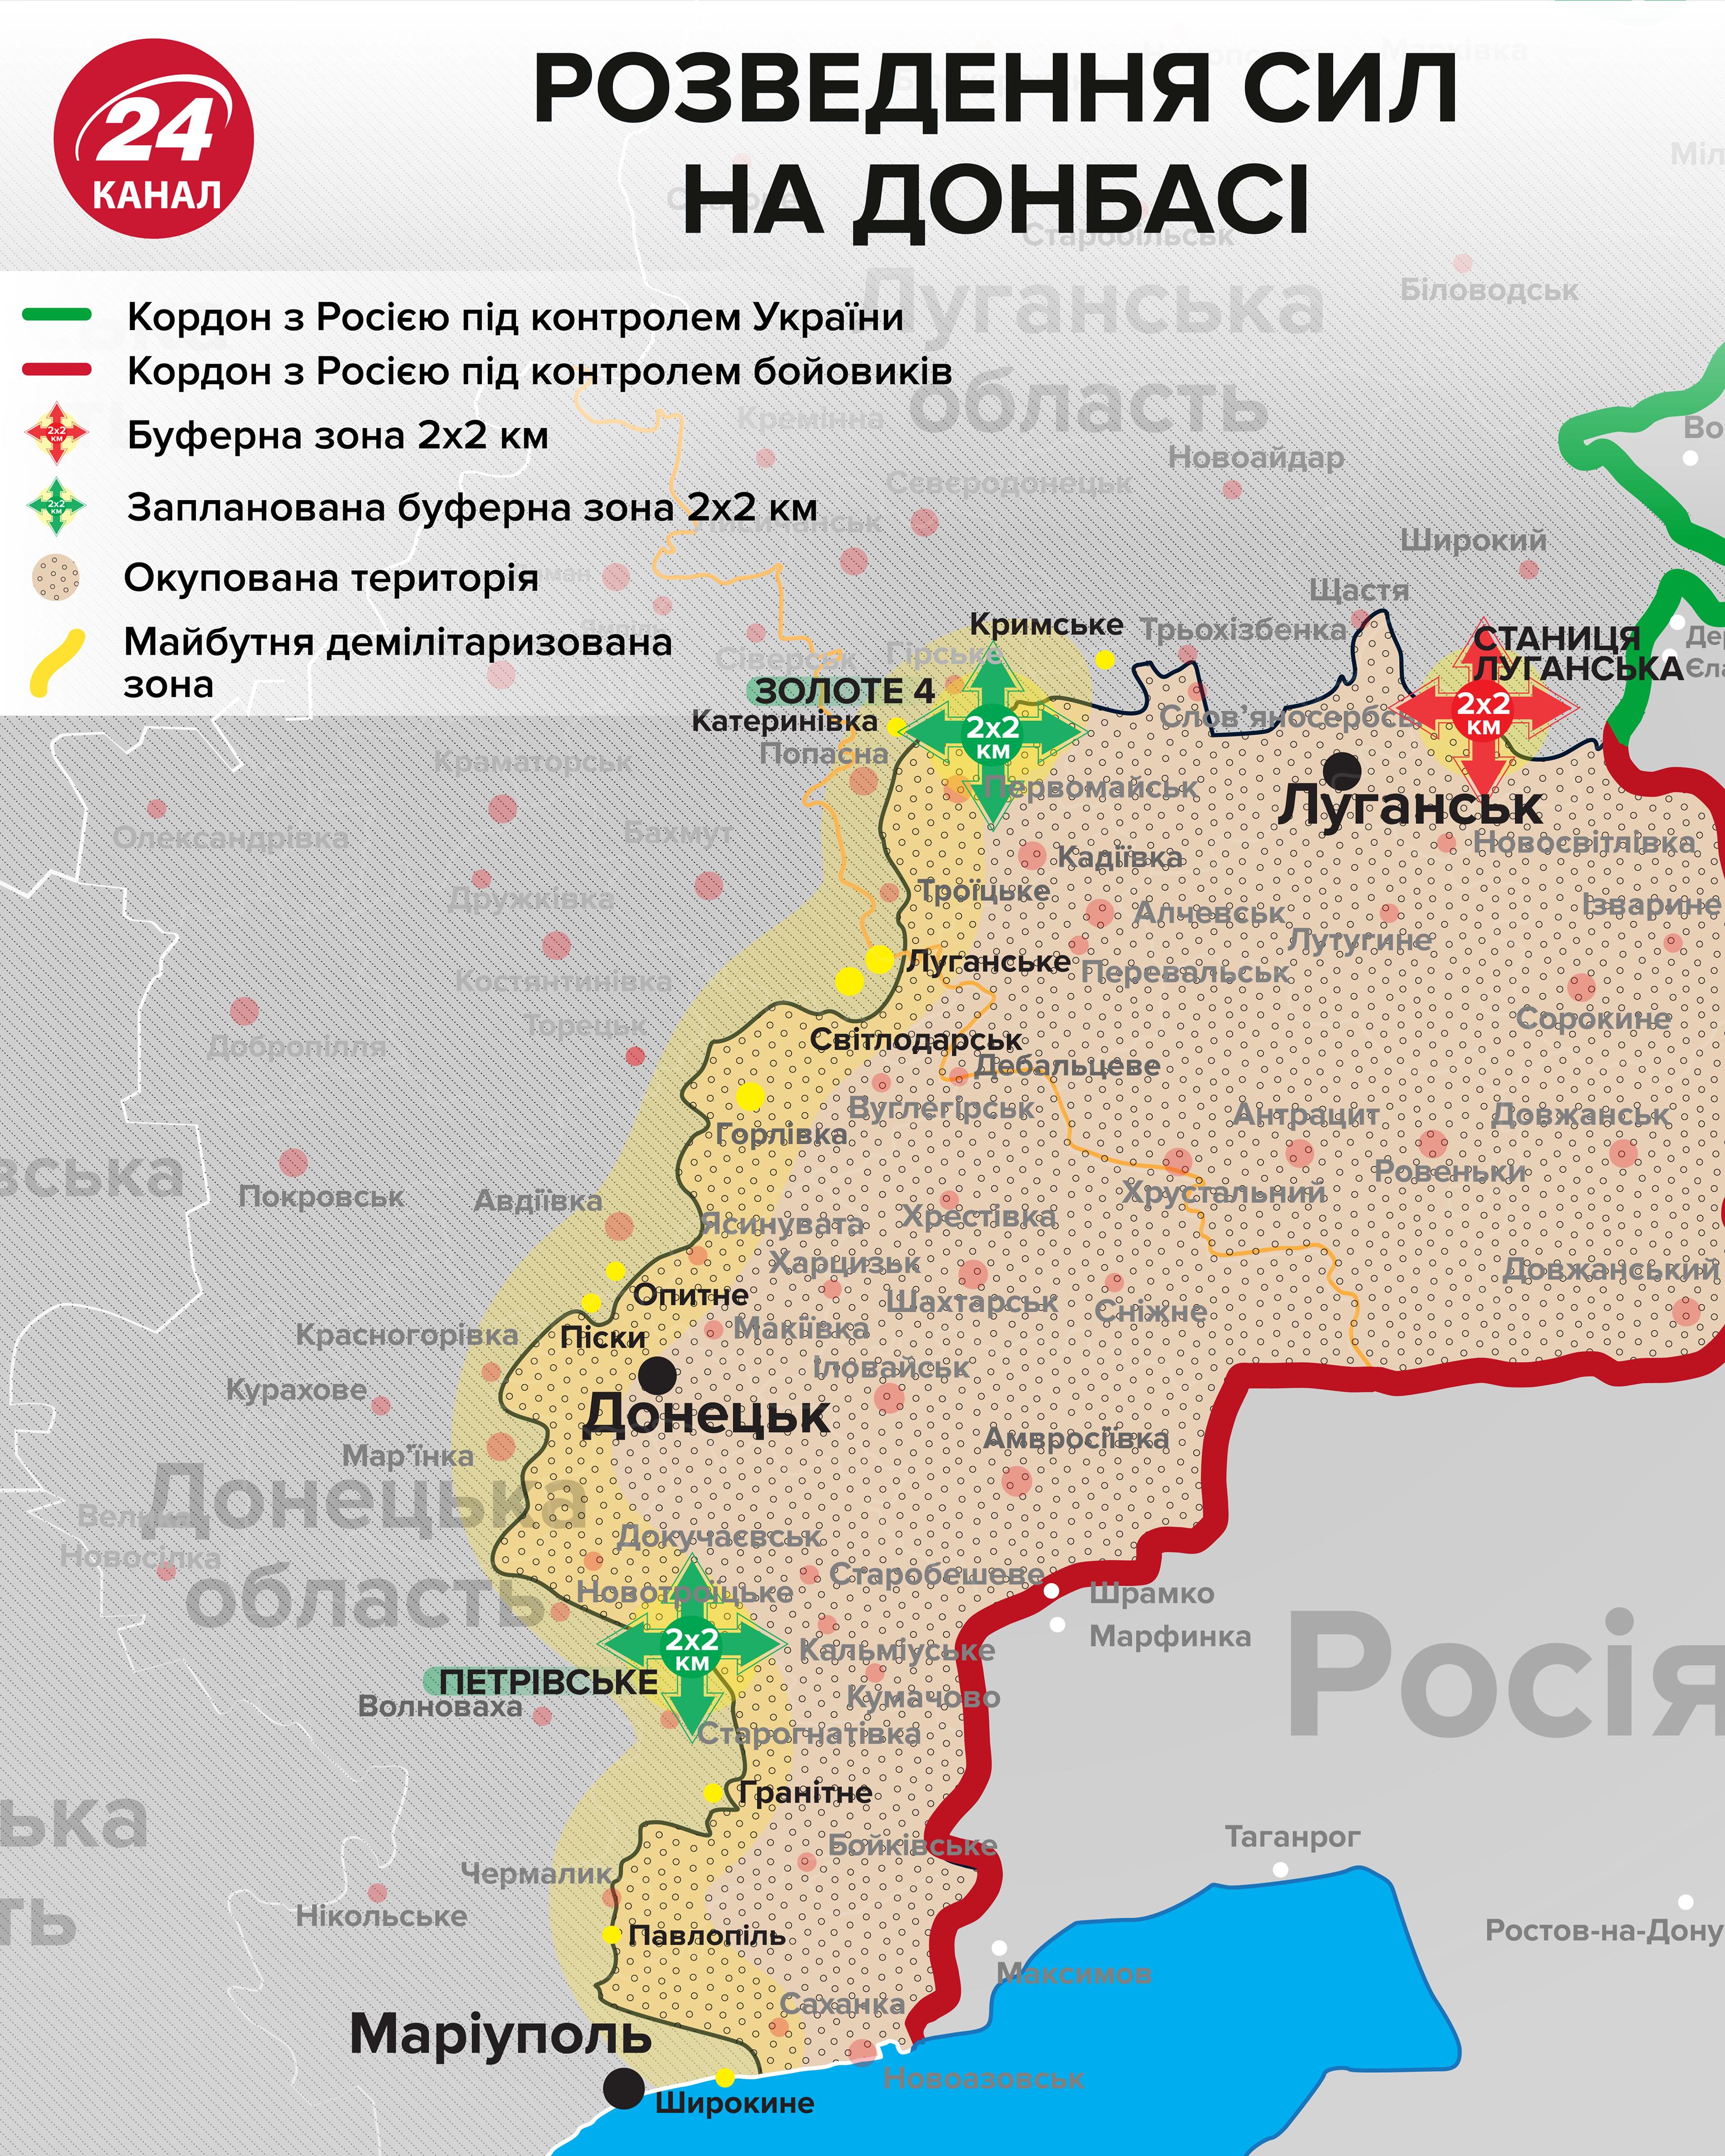 карта розведення військ Донбас мапа розведення сил